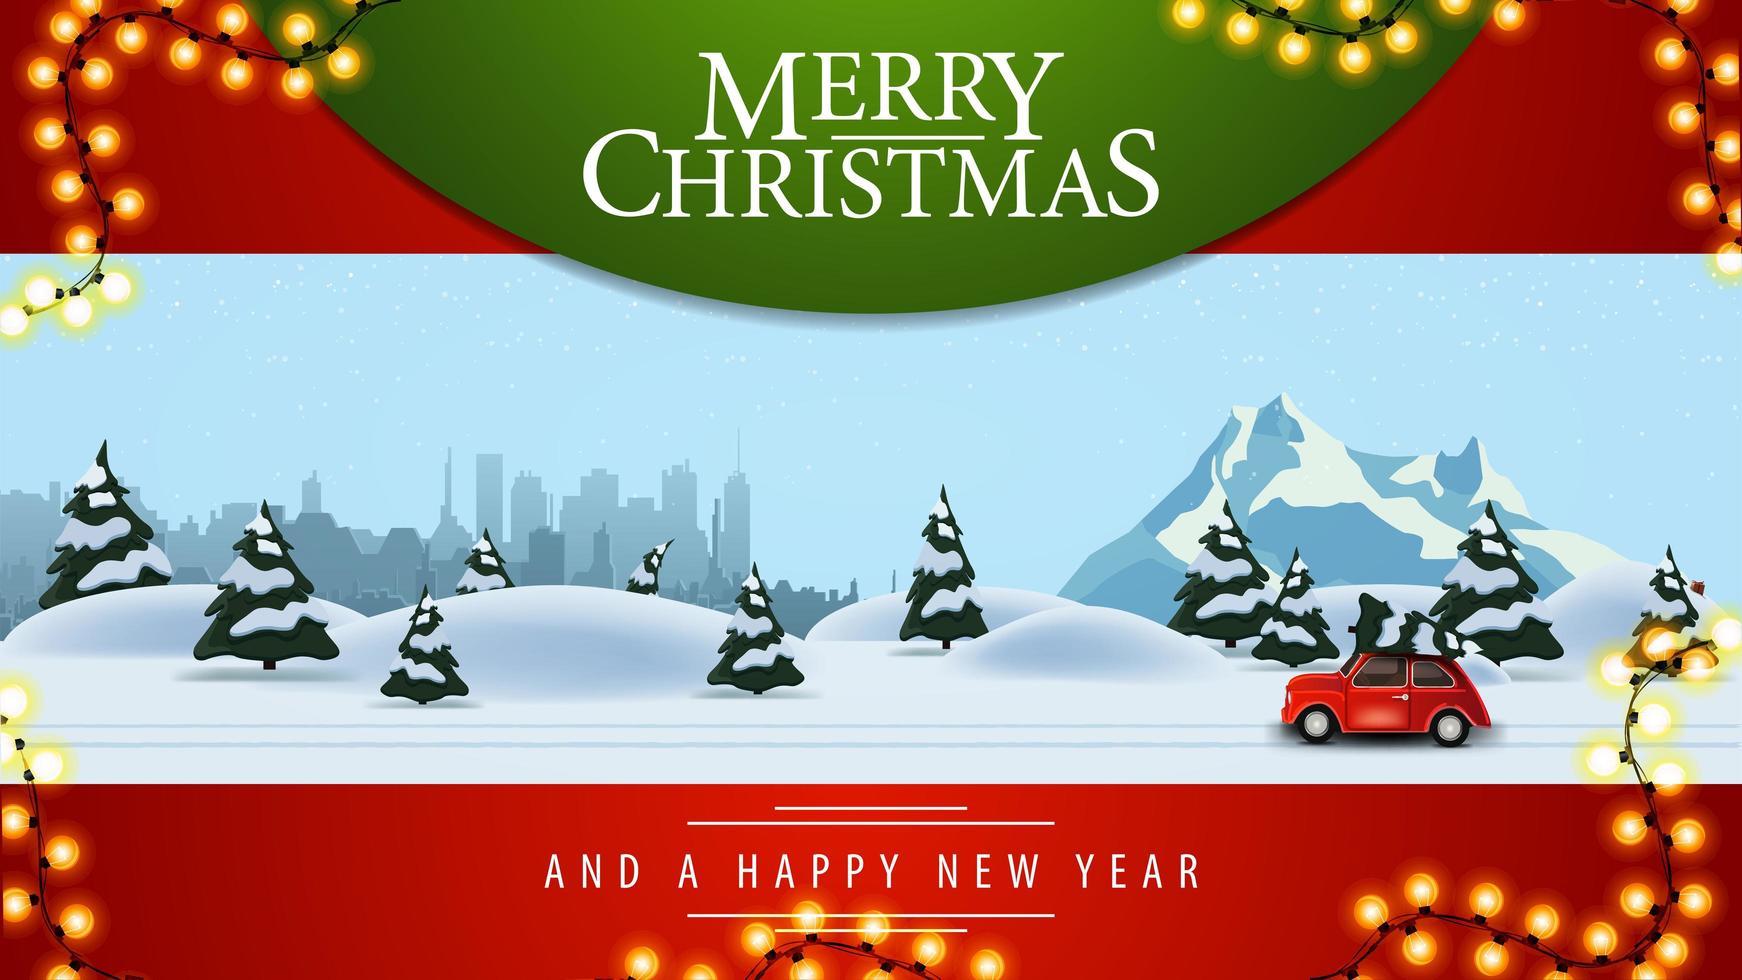 god jul, vackert rött vykort med illustration av tallvinterskog, siluettstad, snöigt berg och röd veteranbil som bär julgran vektor